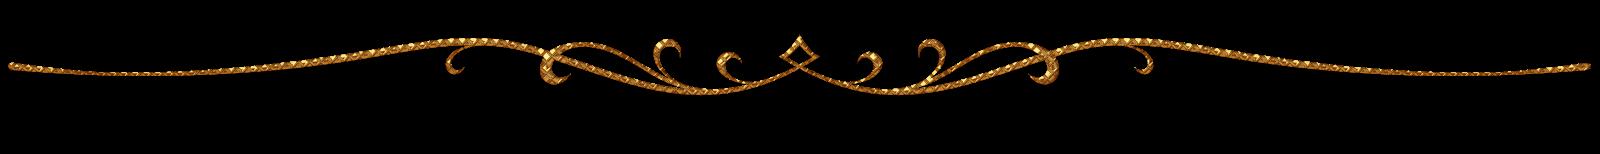 https://1.bp.blogspot.com/-NSbq5nJ-sSw/US242yK1VmI/AAAAAAAABg8/RZZR-0r6Upo/s1600/insert+3+with+gold.png